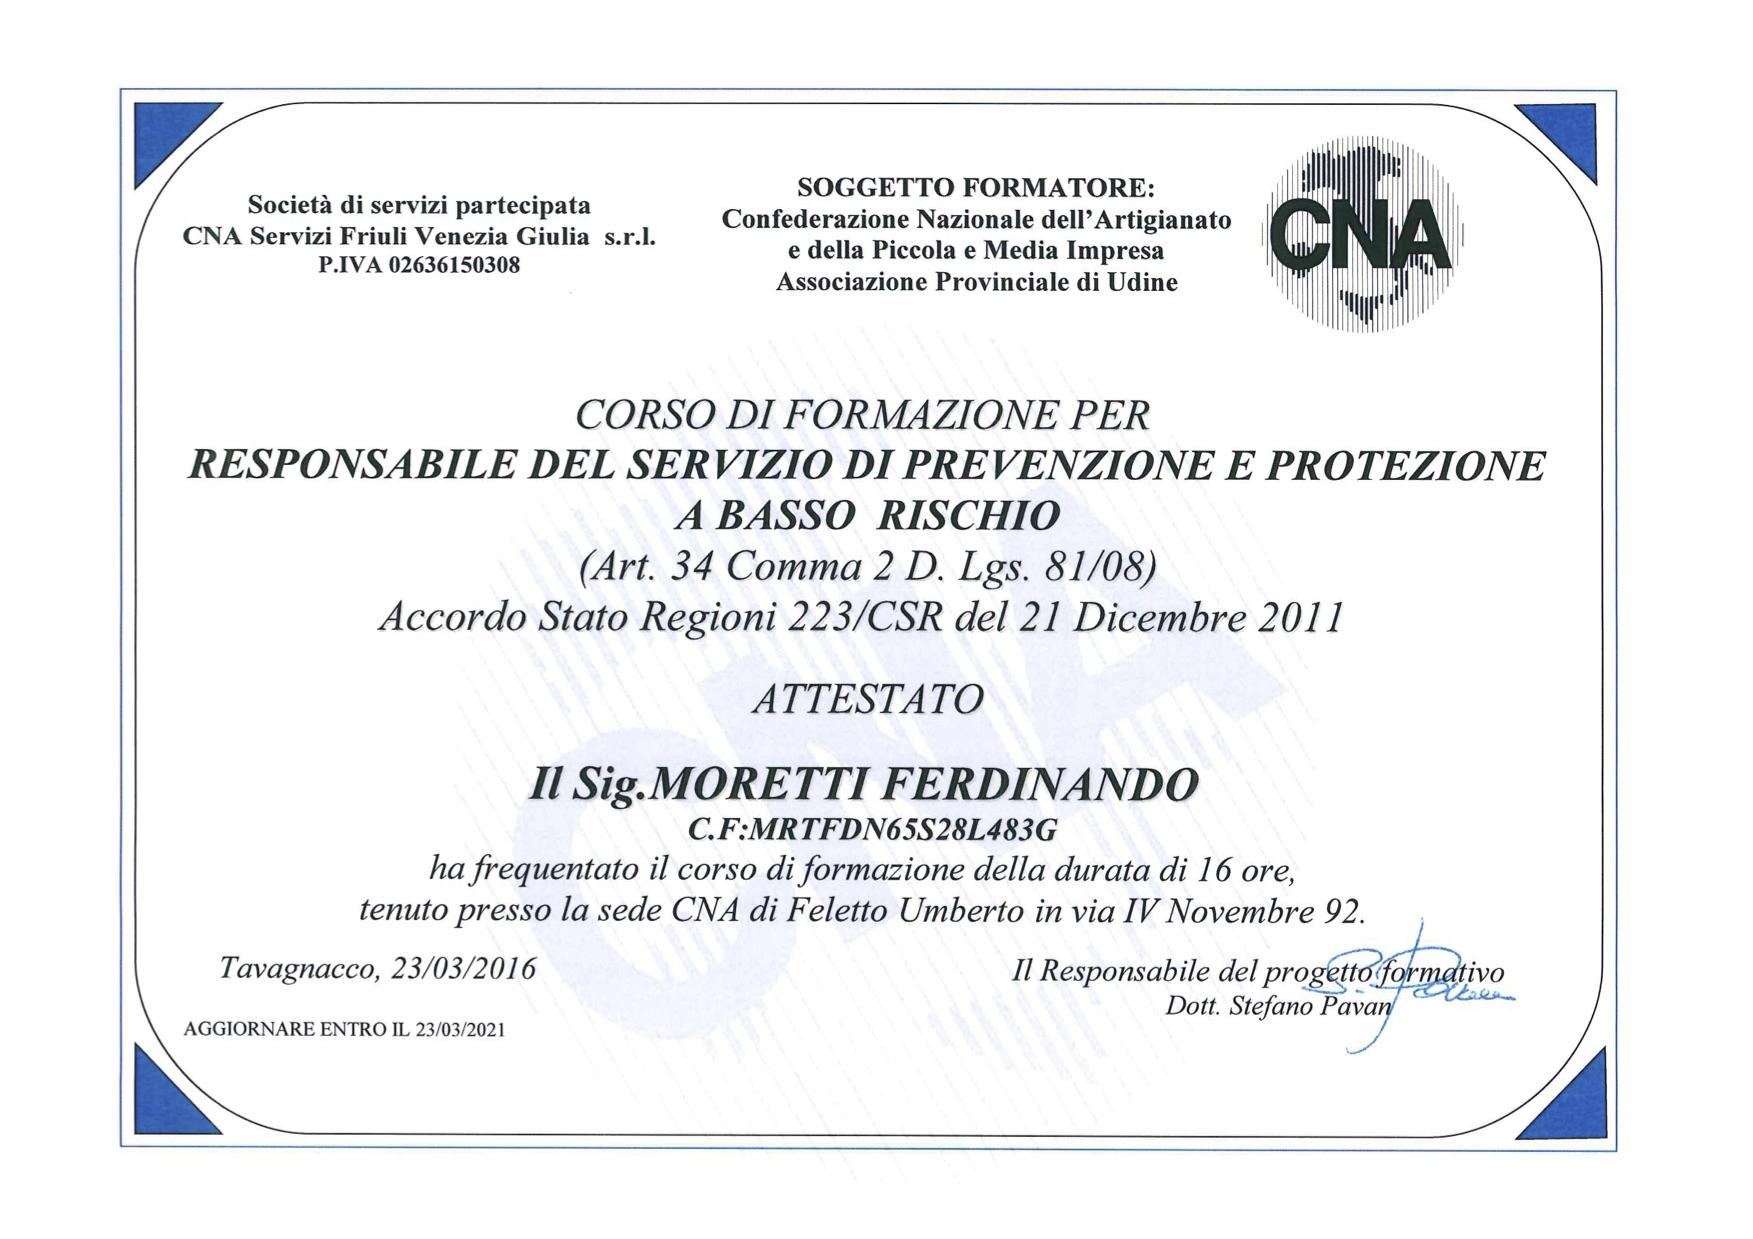 Online Certification Online Certification Quality Assurance